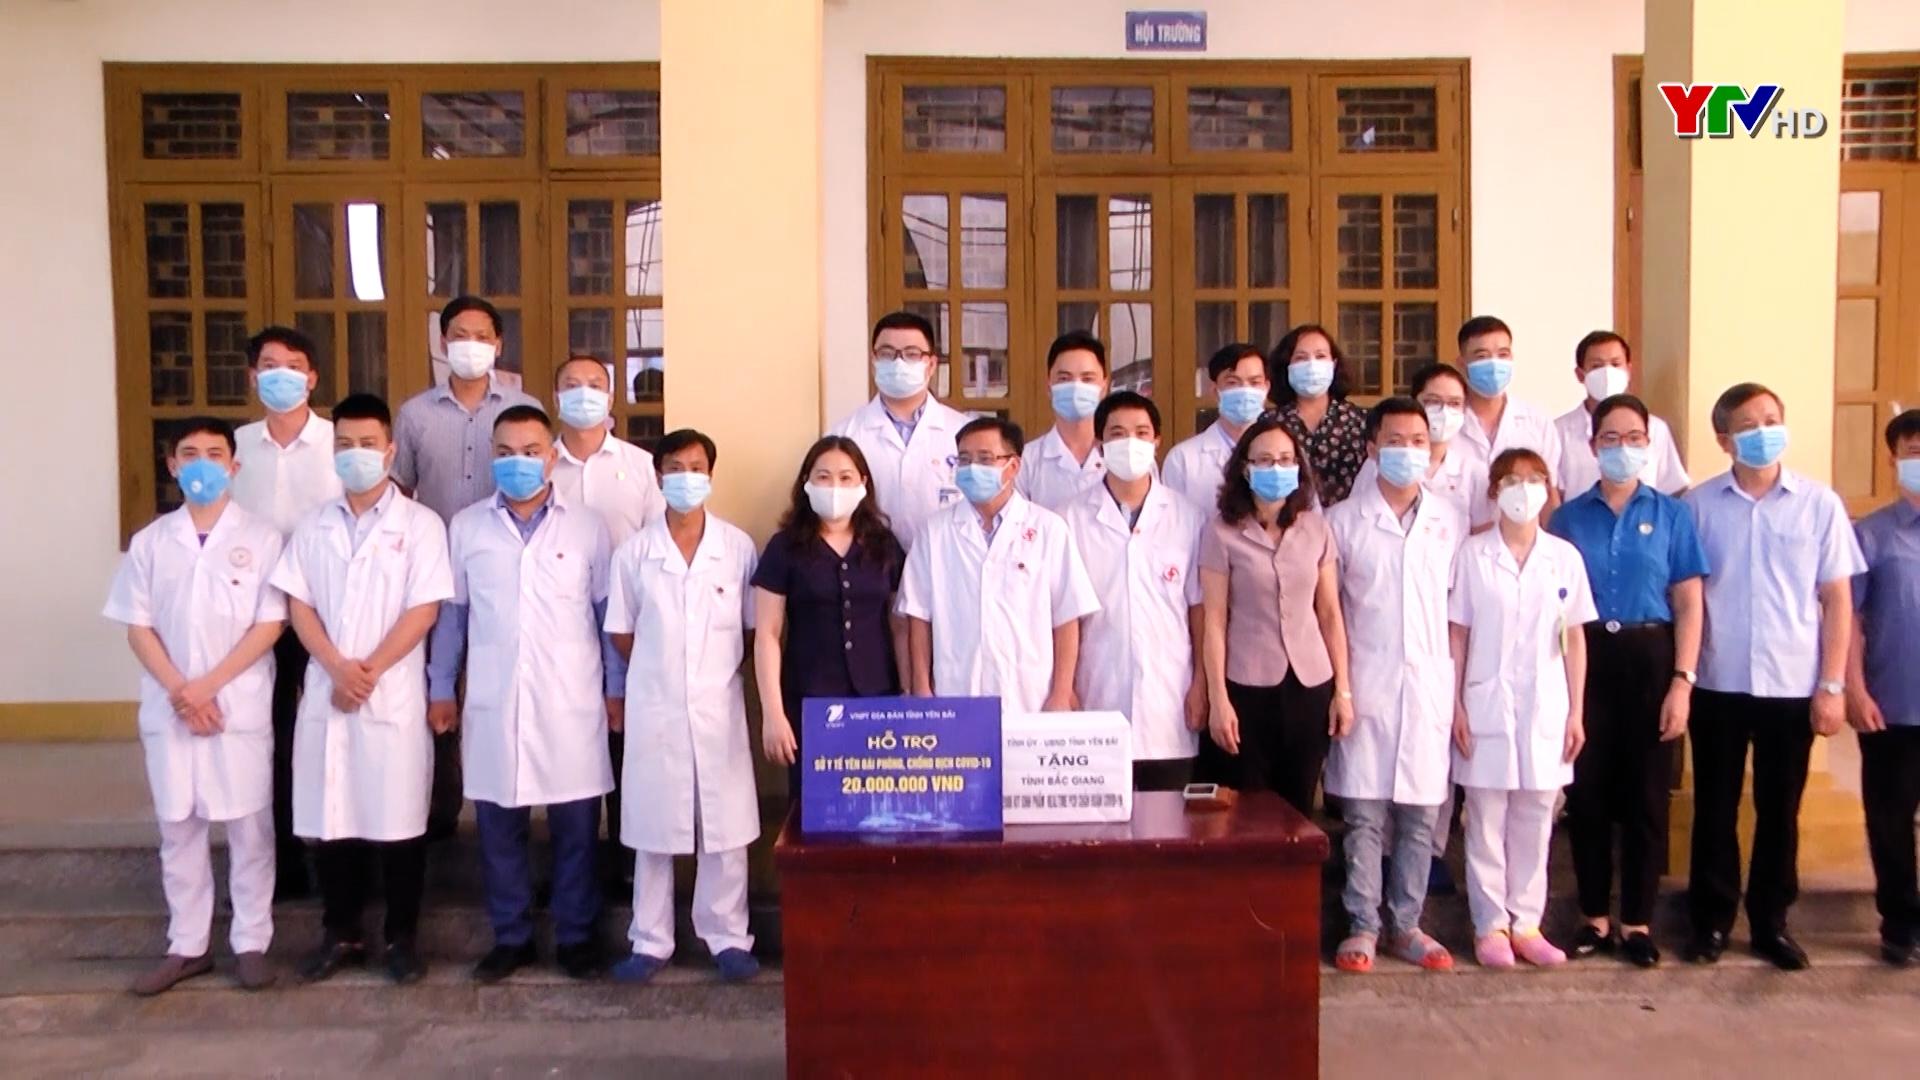 Yên Bái cử Đoàn cán bộ, y bác sỹ hỗ trợ tỉnh Bắc Giang phòng, chống dịch bệnh COVID - 19